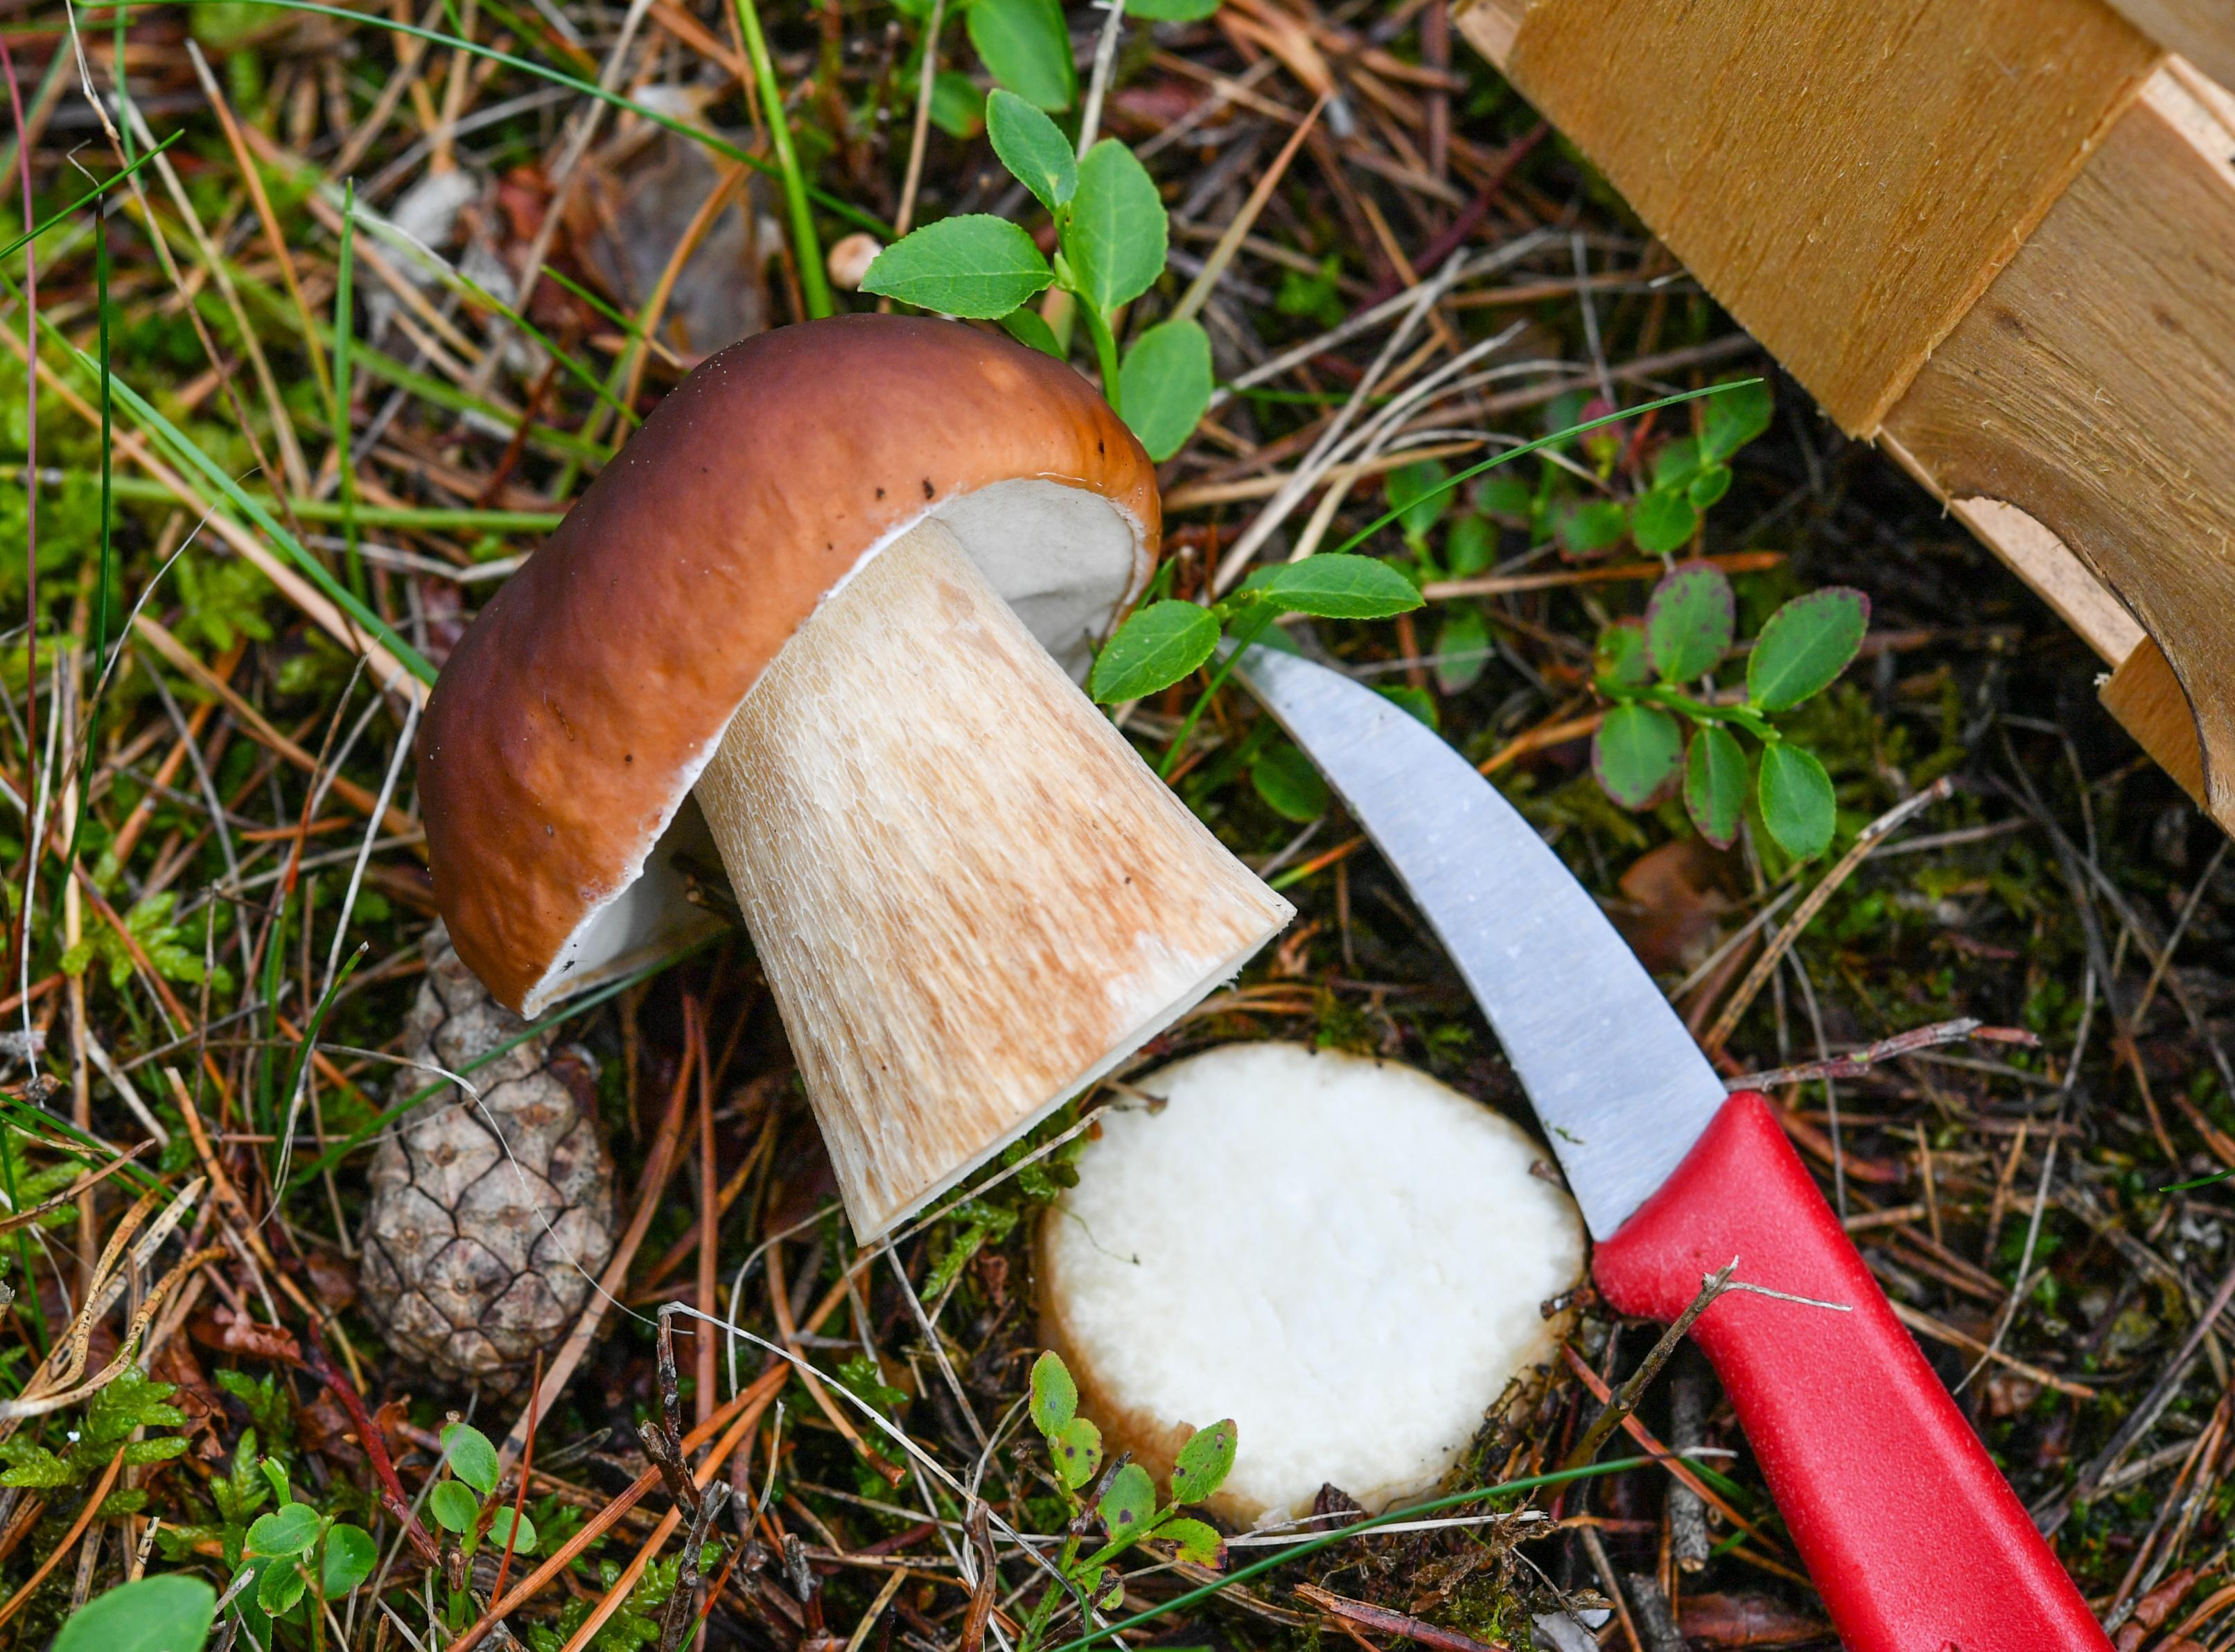 Ein abgeschnittener Steinpilz und ein Messer liegen auf dem Waldboden